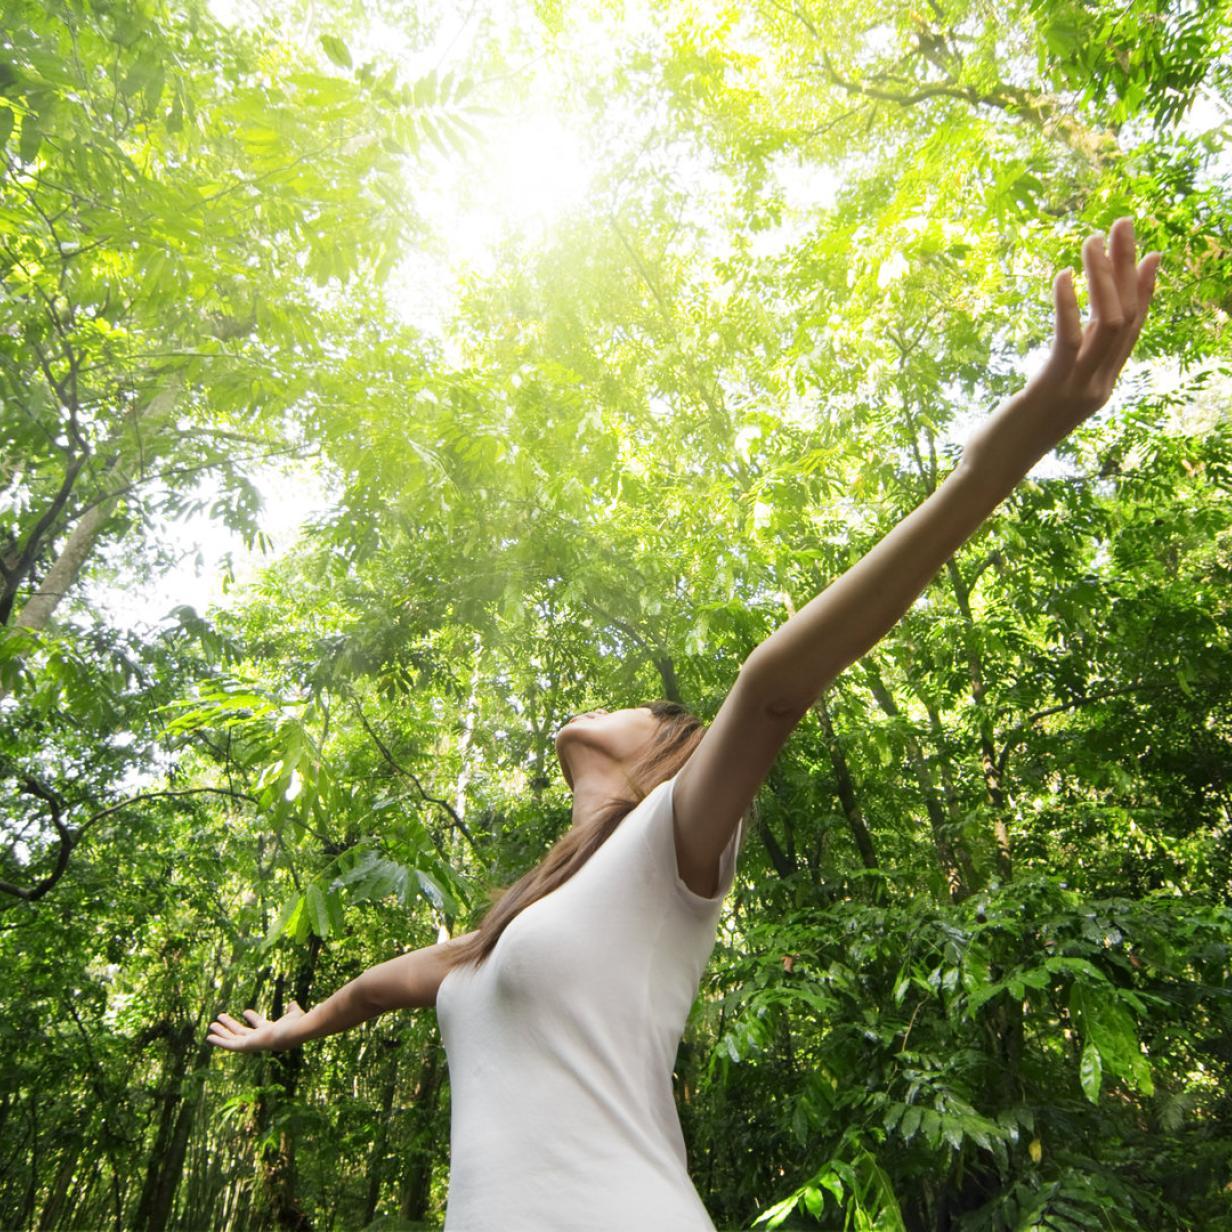 Im Wald baden, bis die Seele grünt: Die besten Tipps rund ums Wochenende!